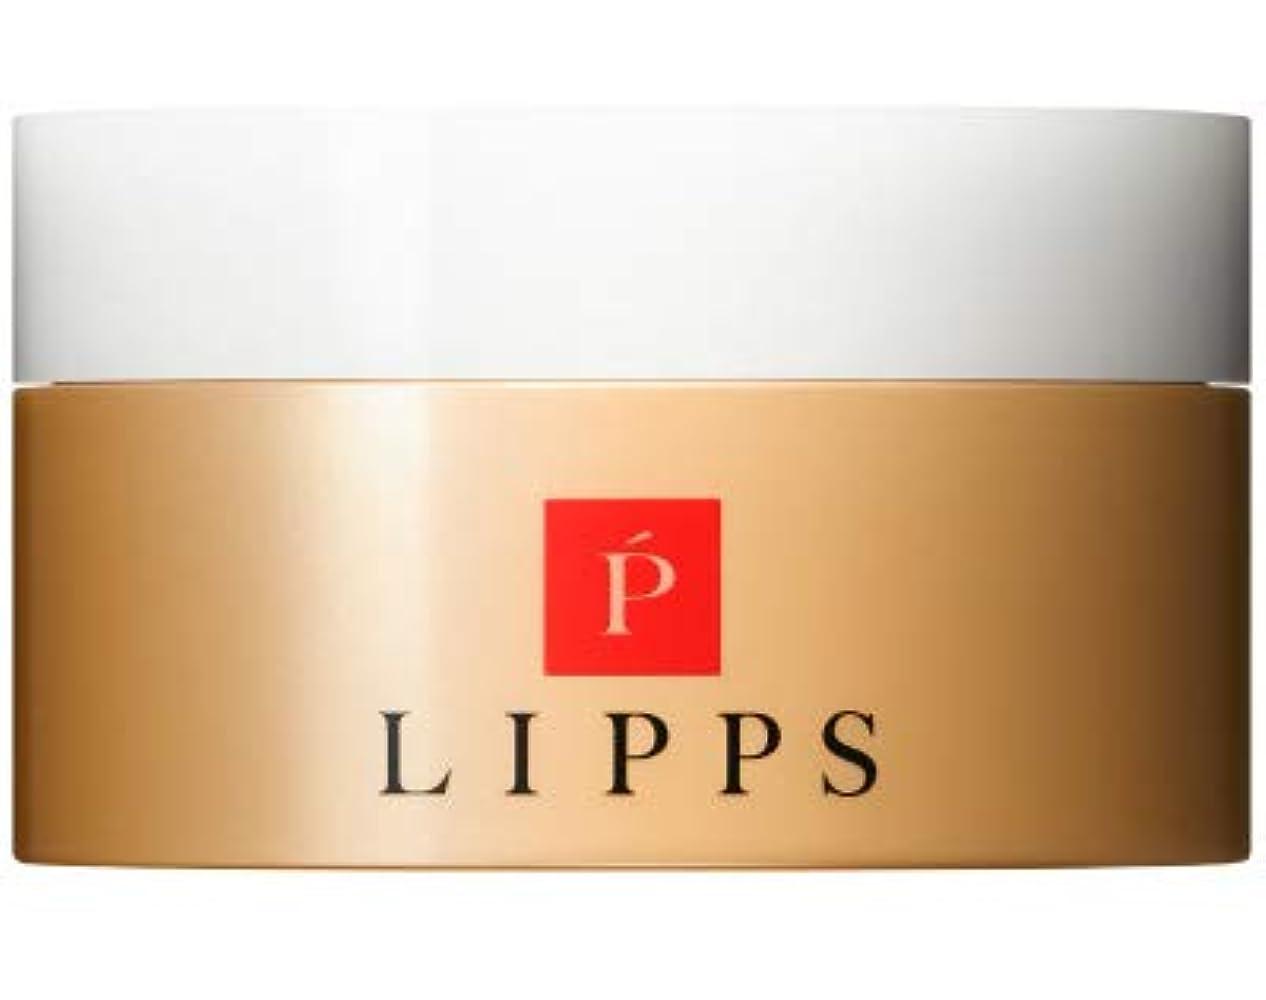 悪化させる戦略没頭する【ふわっと動く×自由自在な束感】LIPPS L12フリーキープワックス (85g)